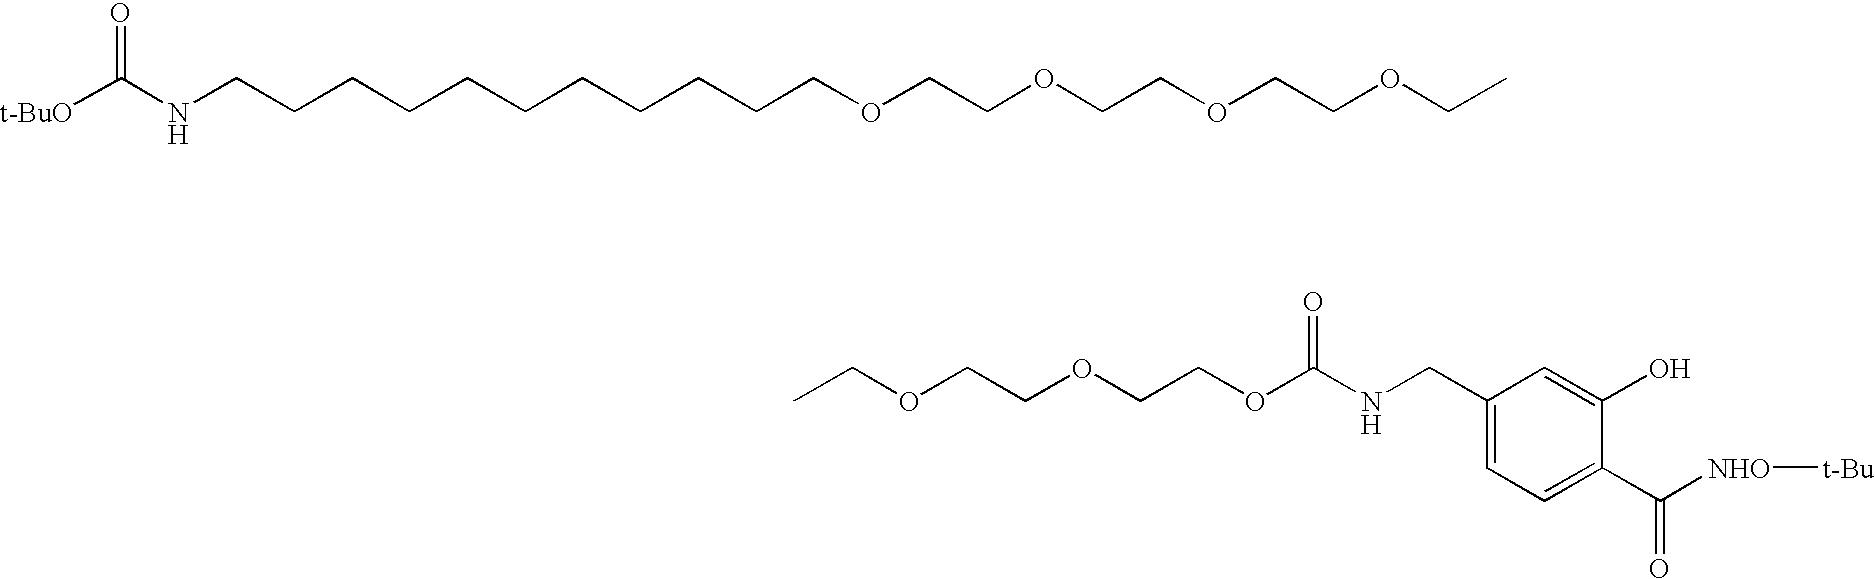 Figure US20030032202A1-20030213-C00029